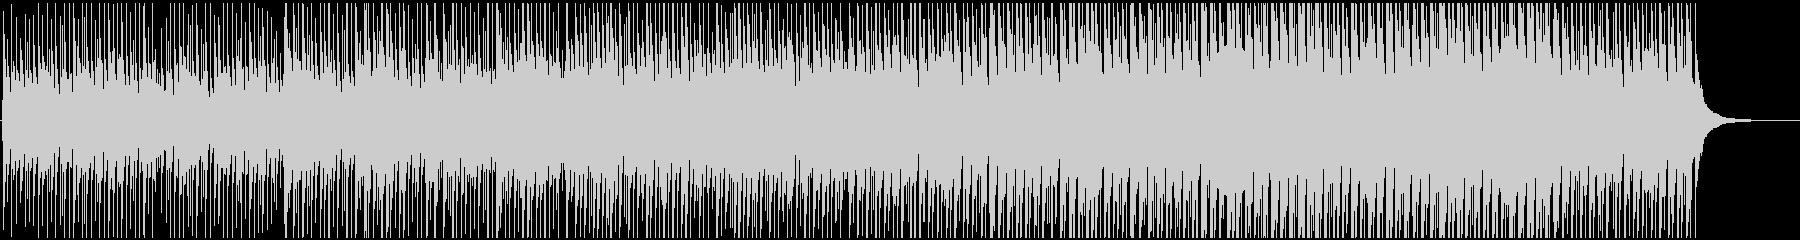 かわいいマーチ風ポップYouTube系の未再生の波形